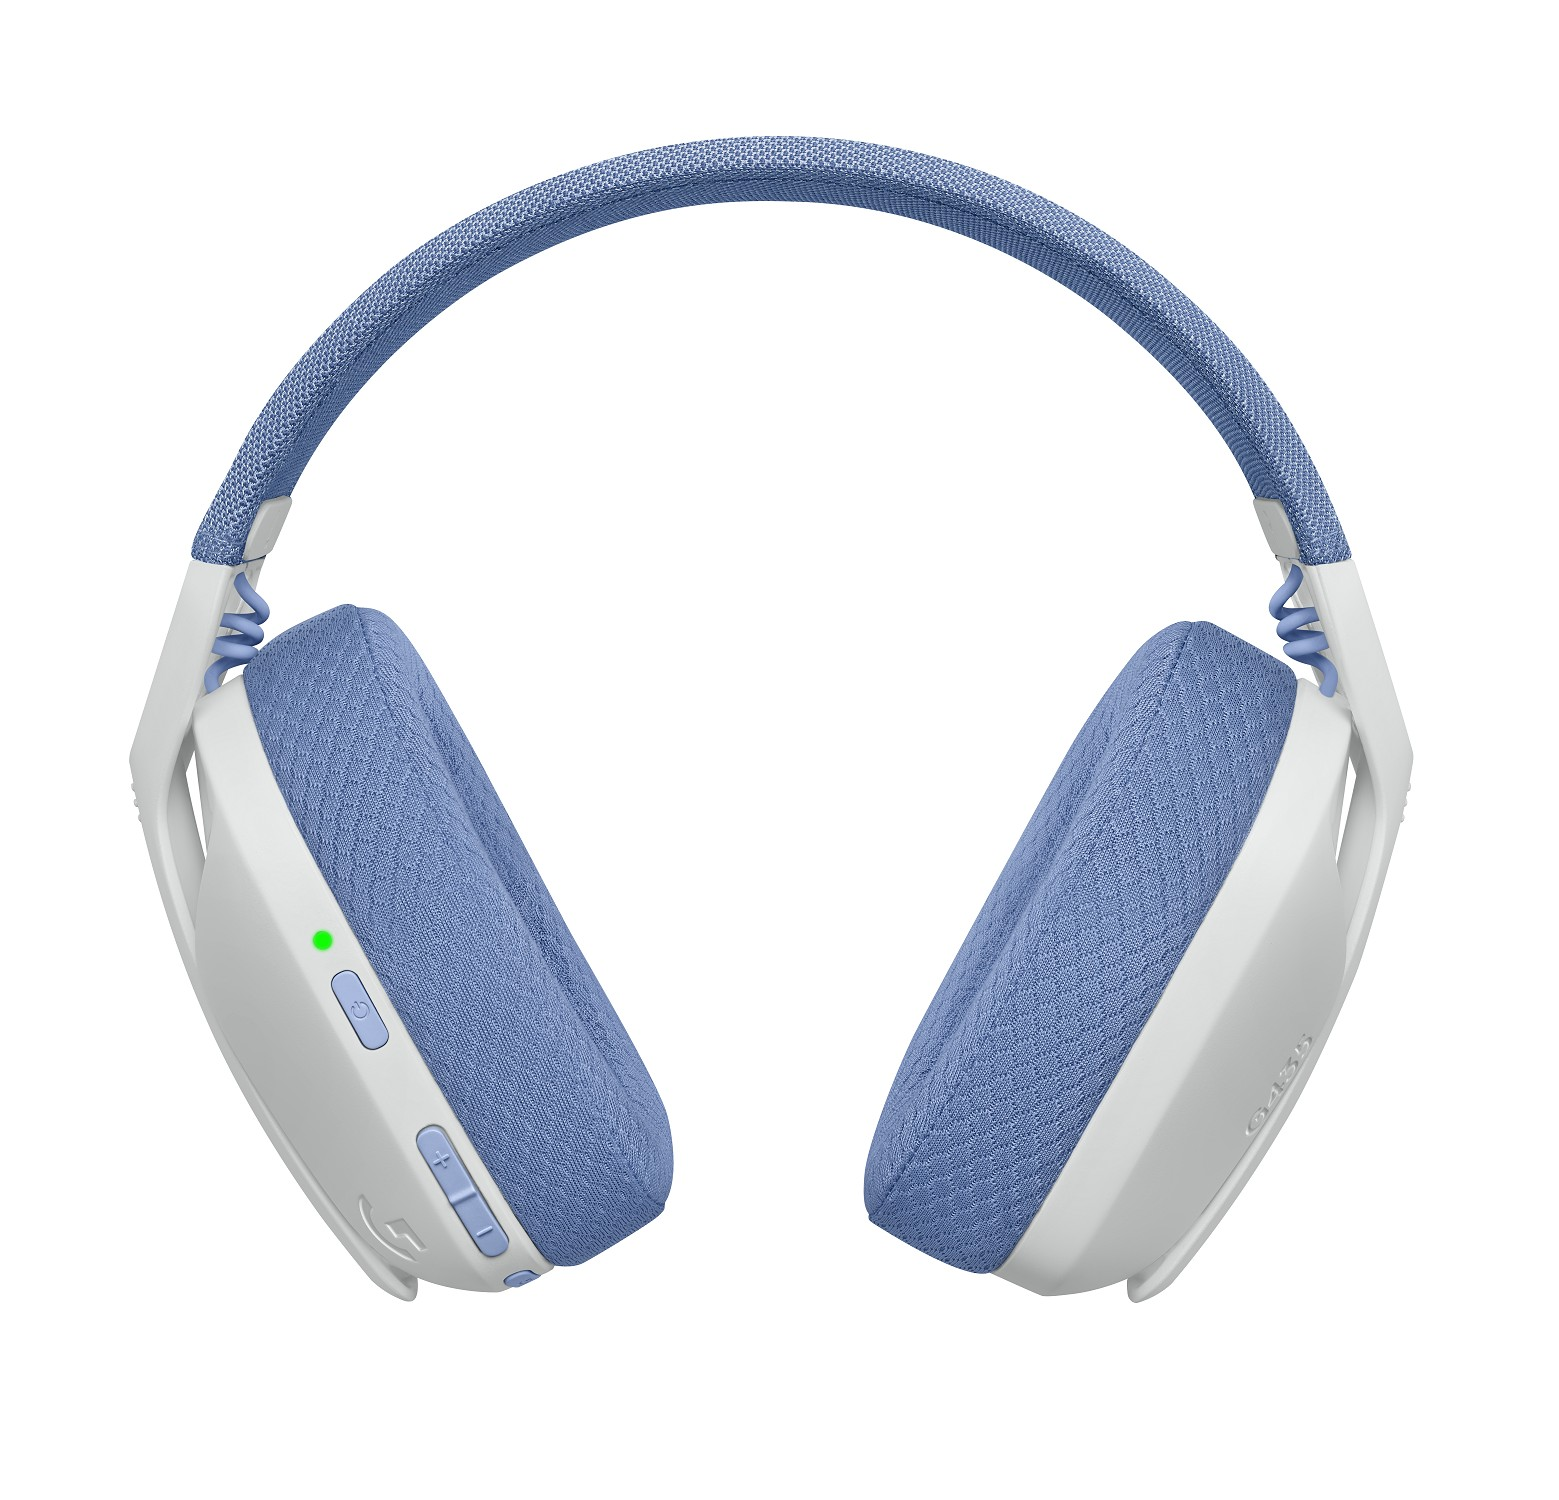 Logitech G435 LIGHTSPEED Kablosuz Oyun Kulaklığı